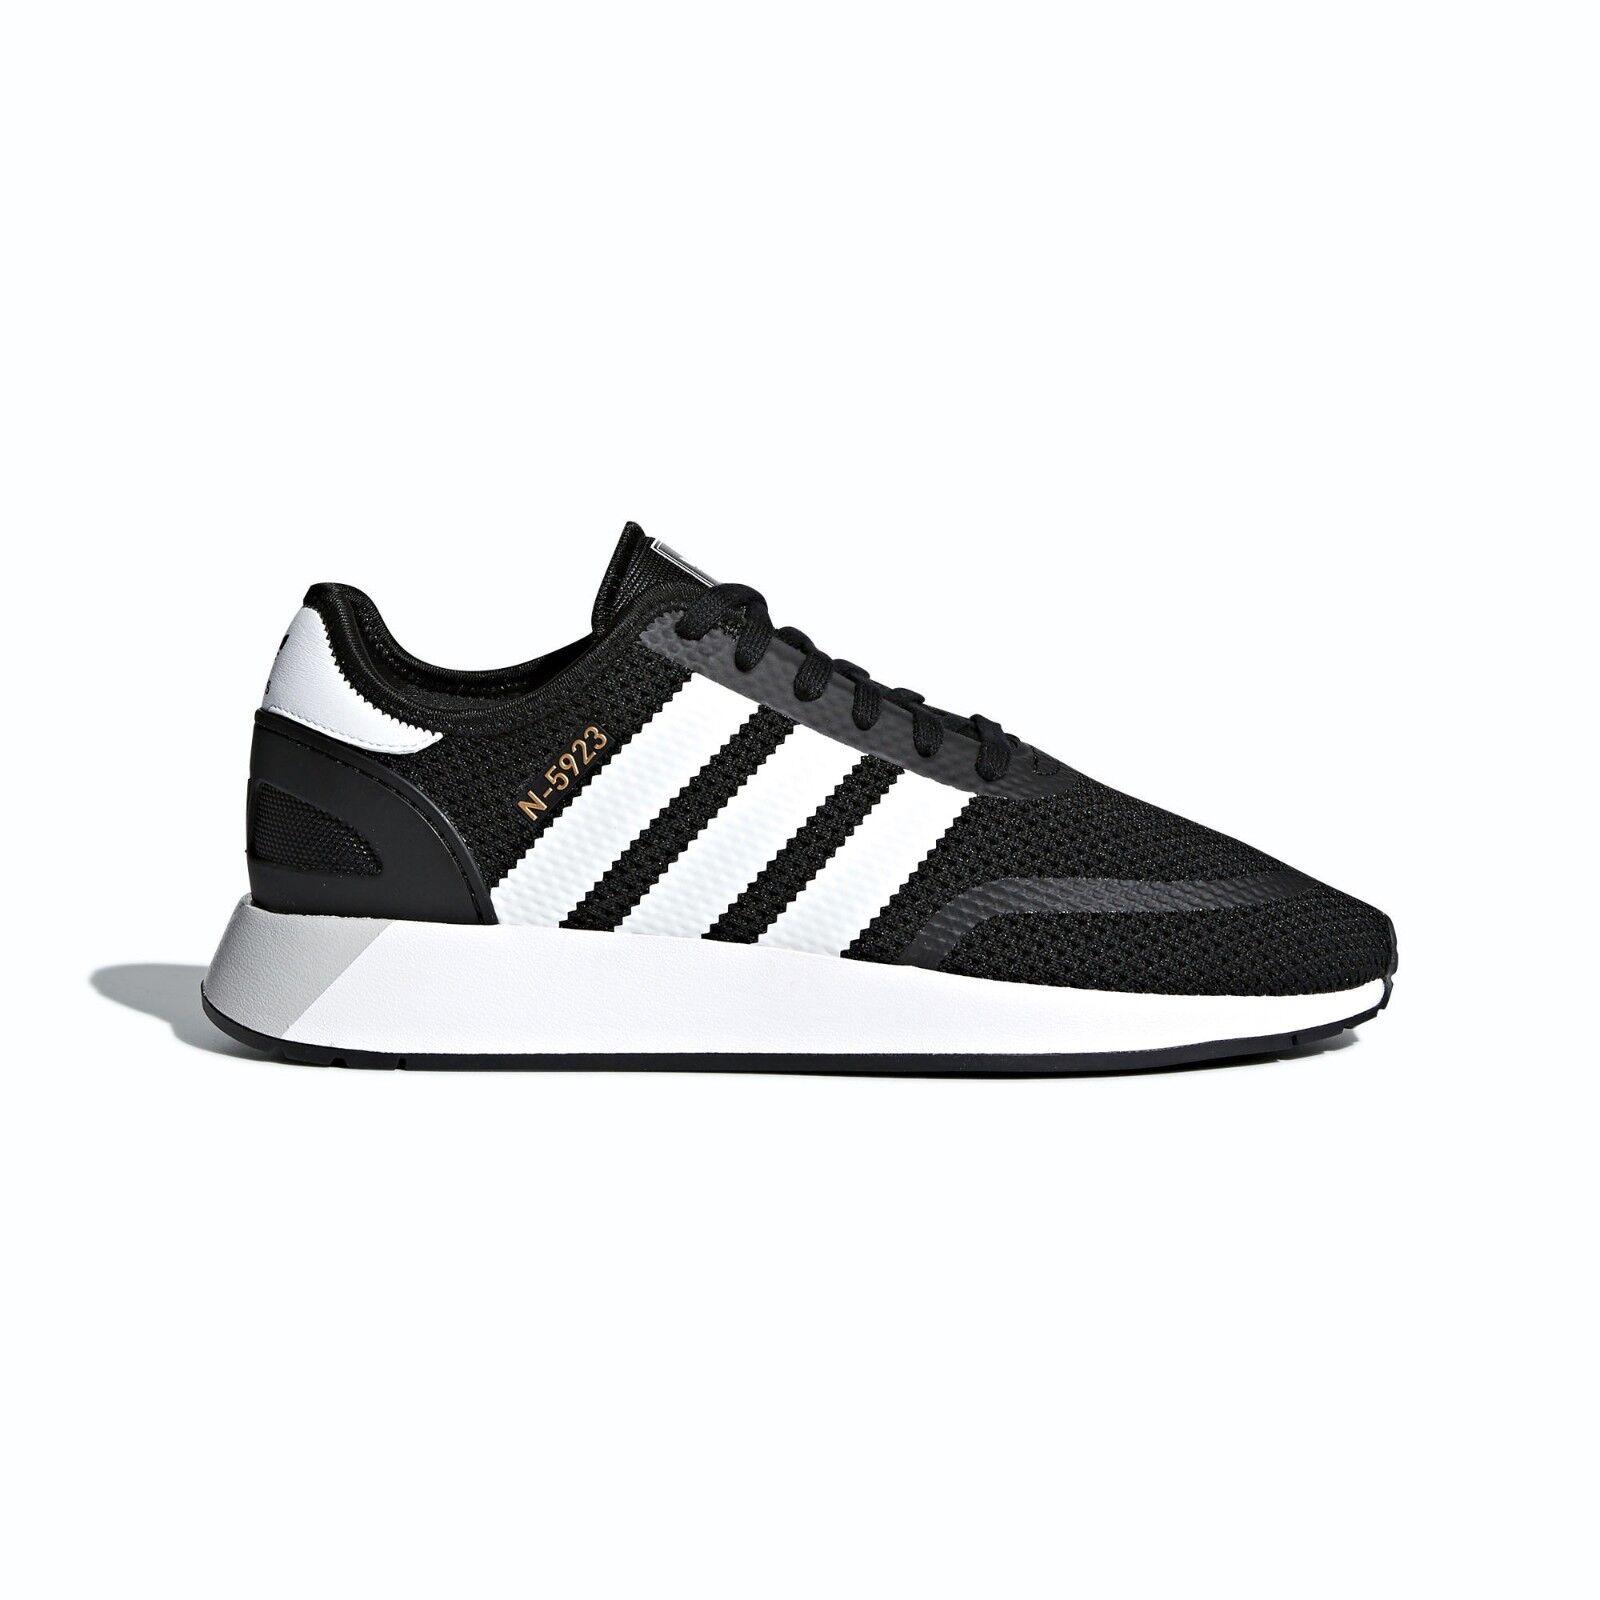 Adidas - - N-5923 Iniki   CQ2337 - - Mens Shoes   Black / White / Grey 284433